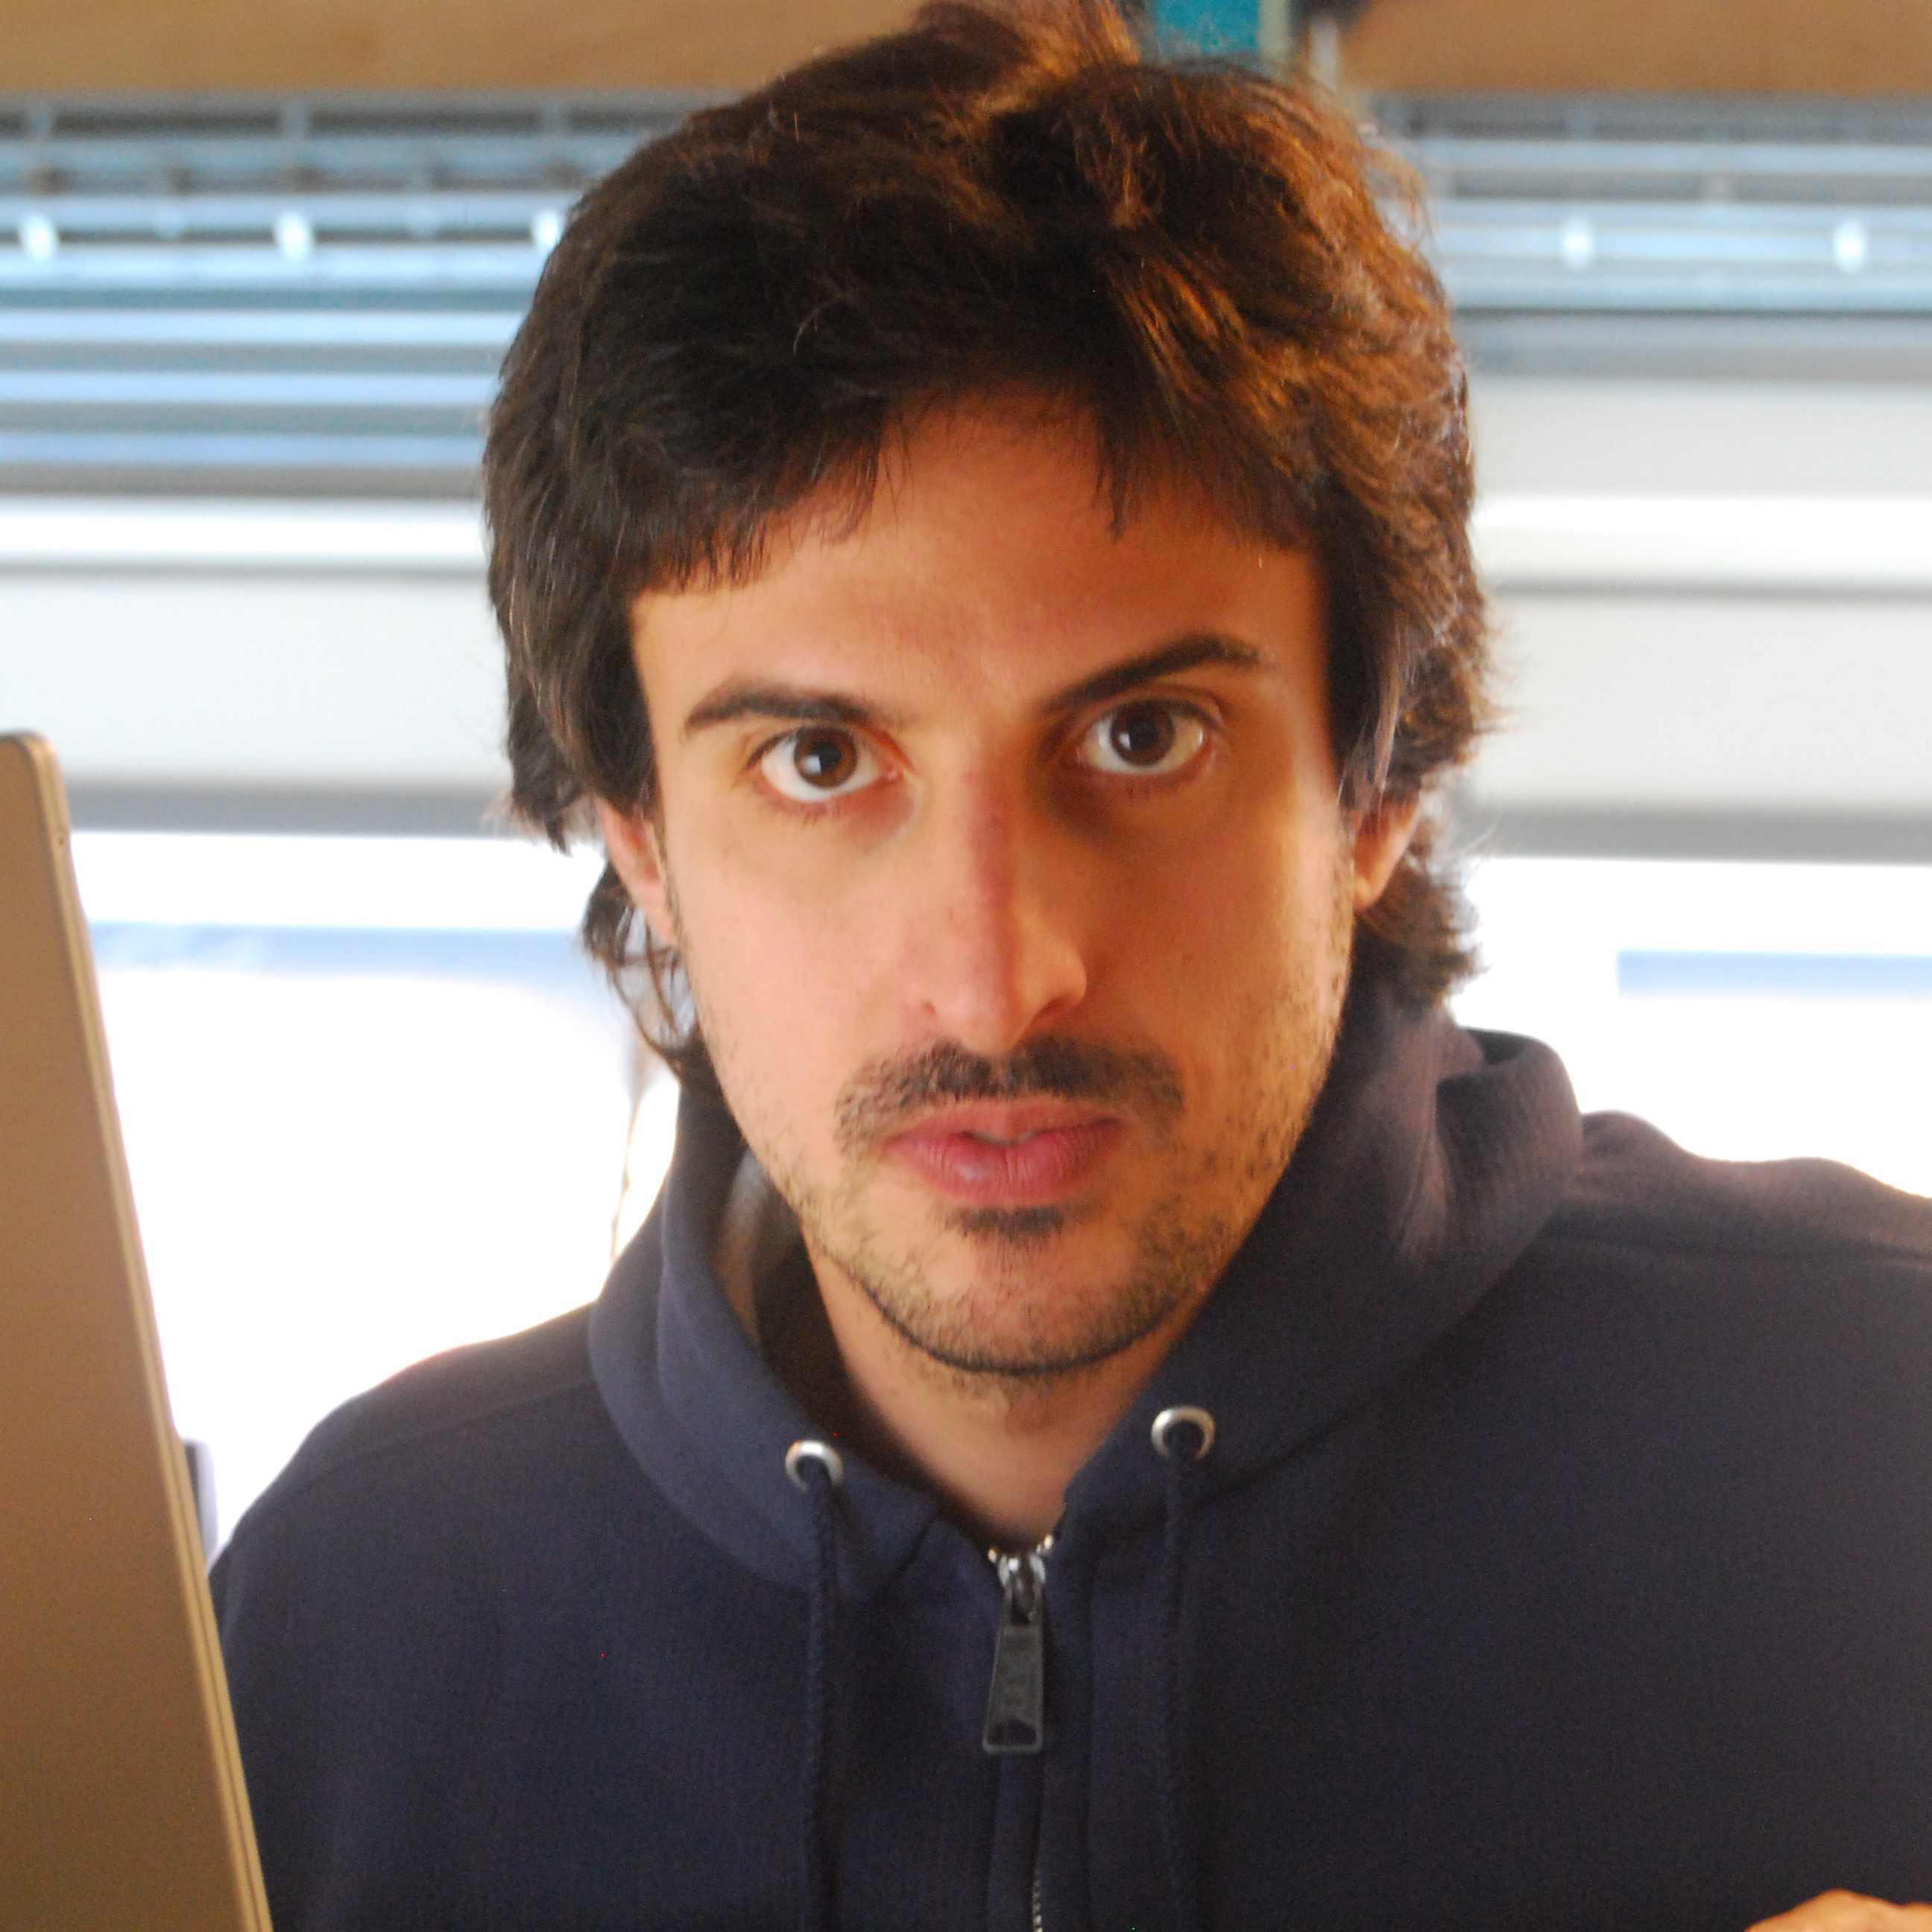 Alexandros Vrettos